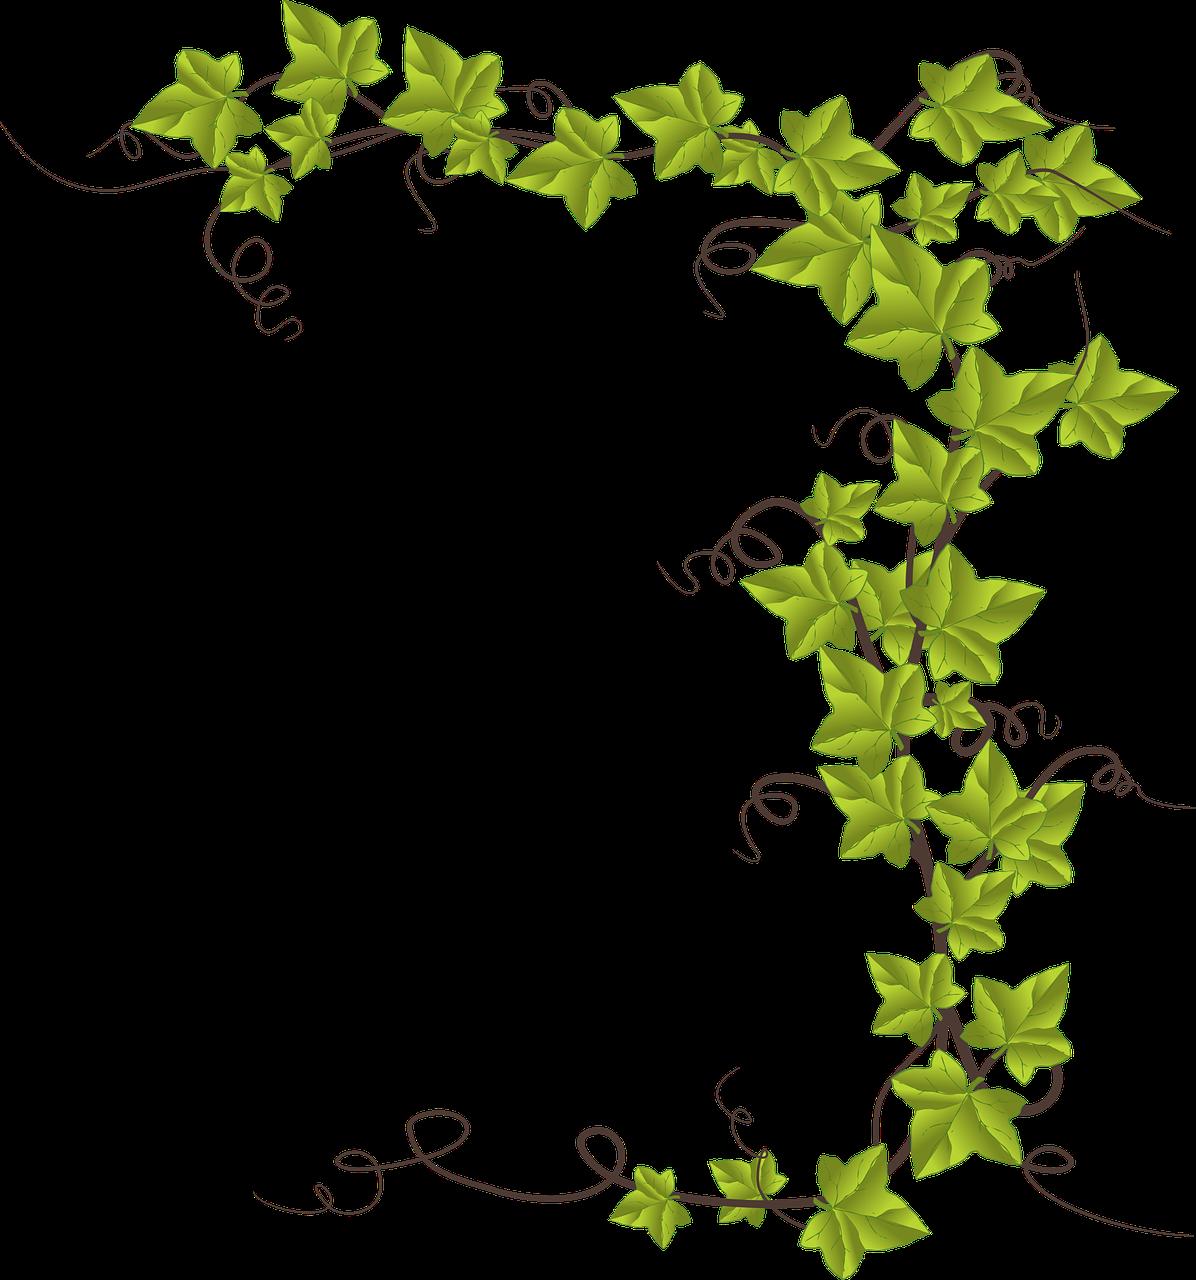 Gratis afbeelding op pixabay. Tomatoes clipart pokok